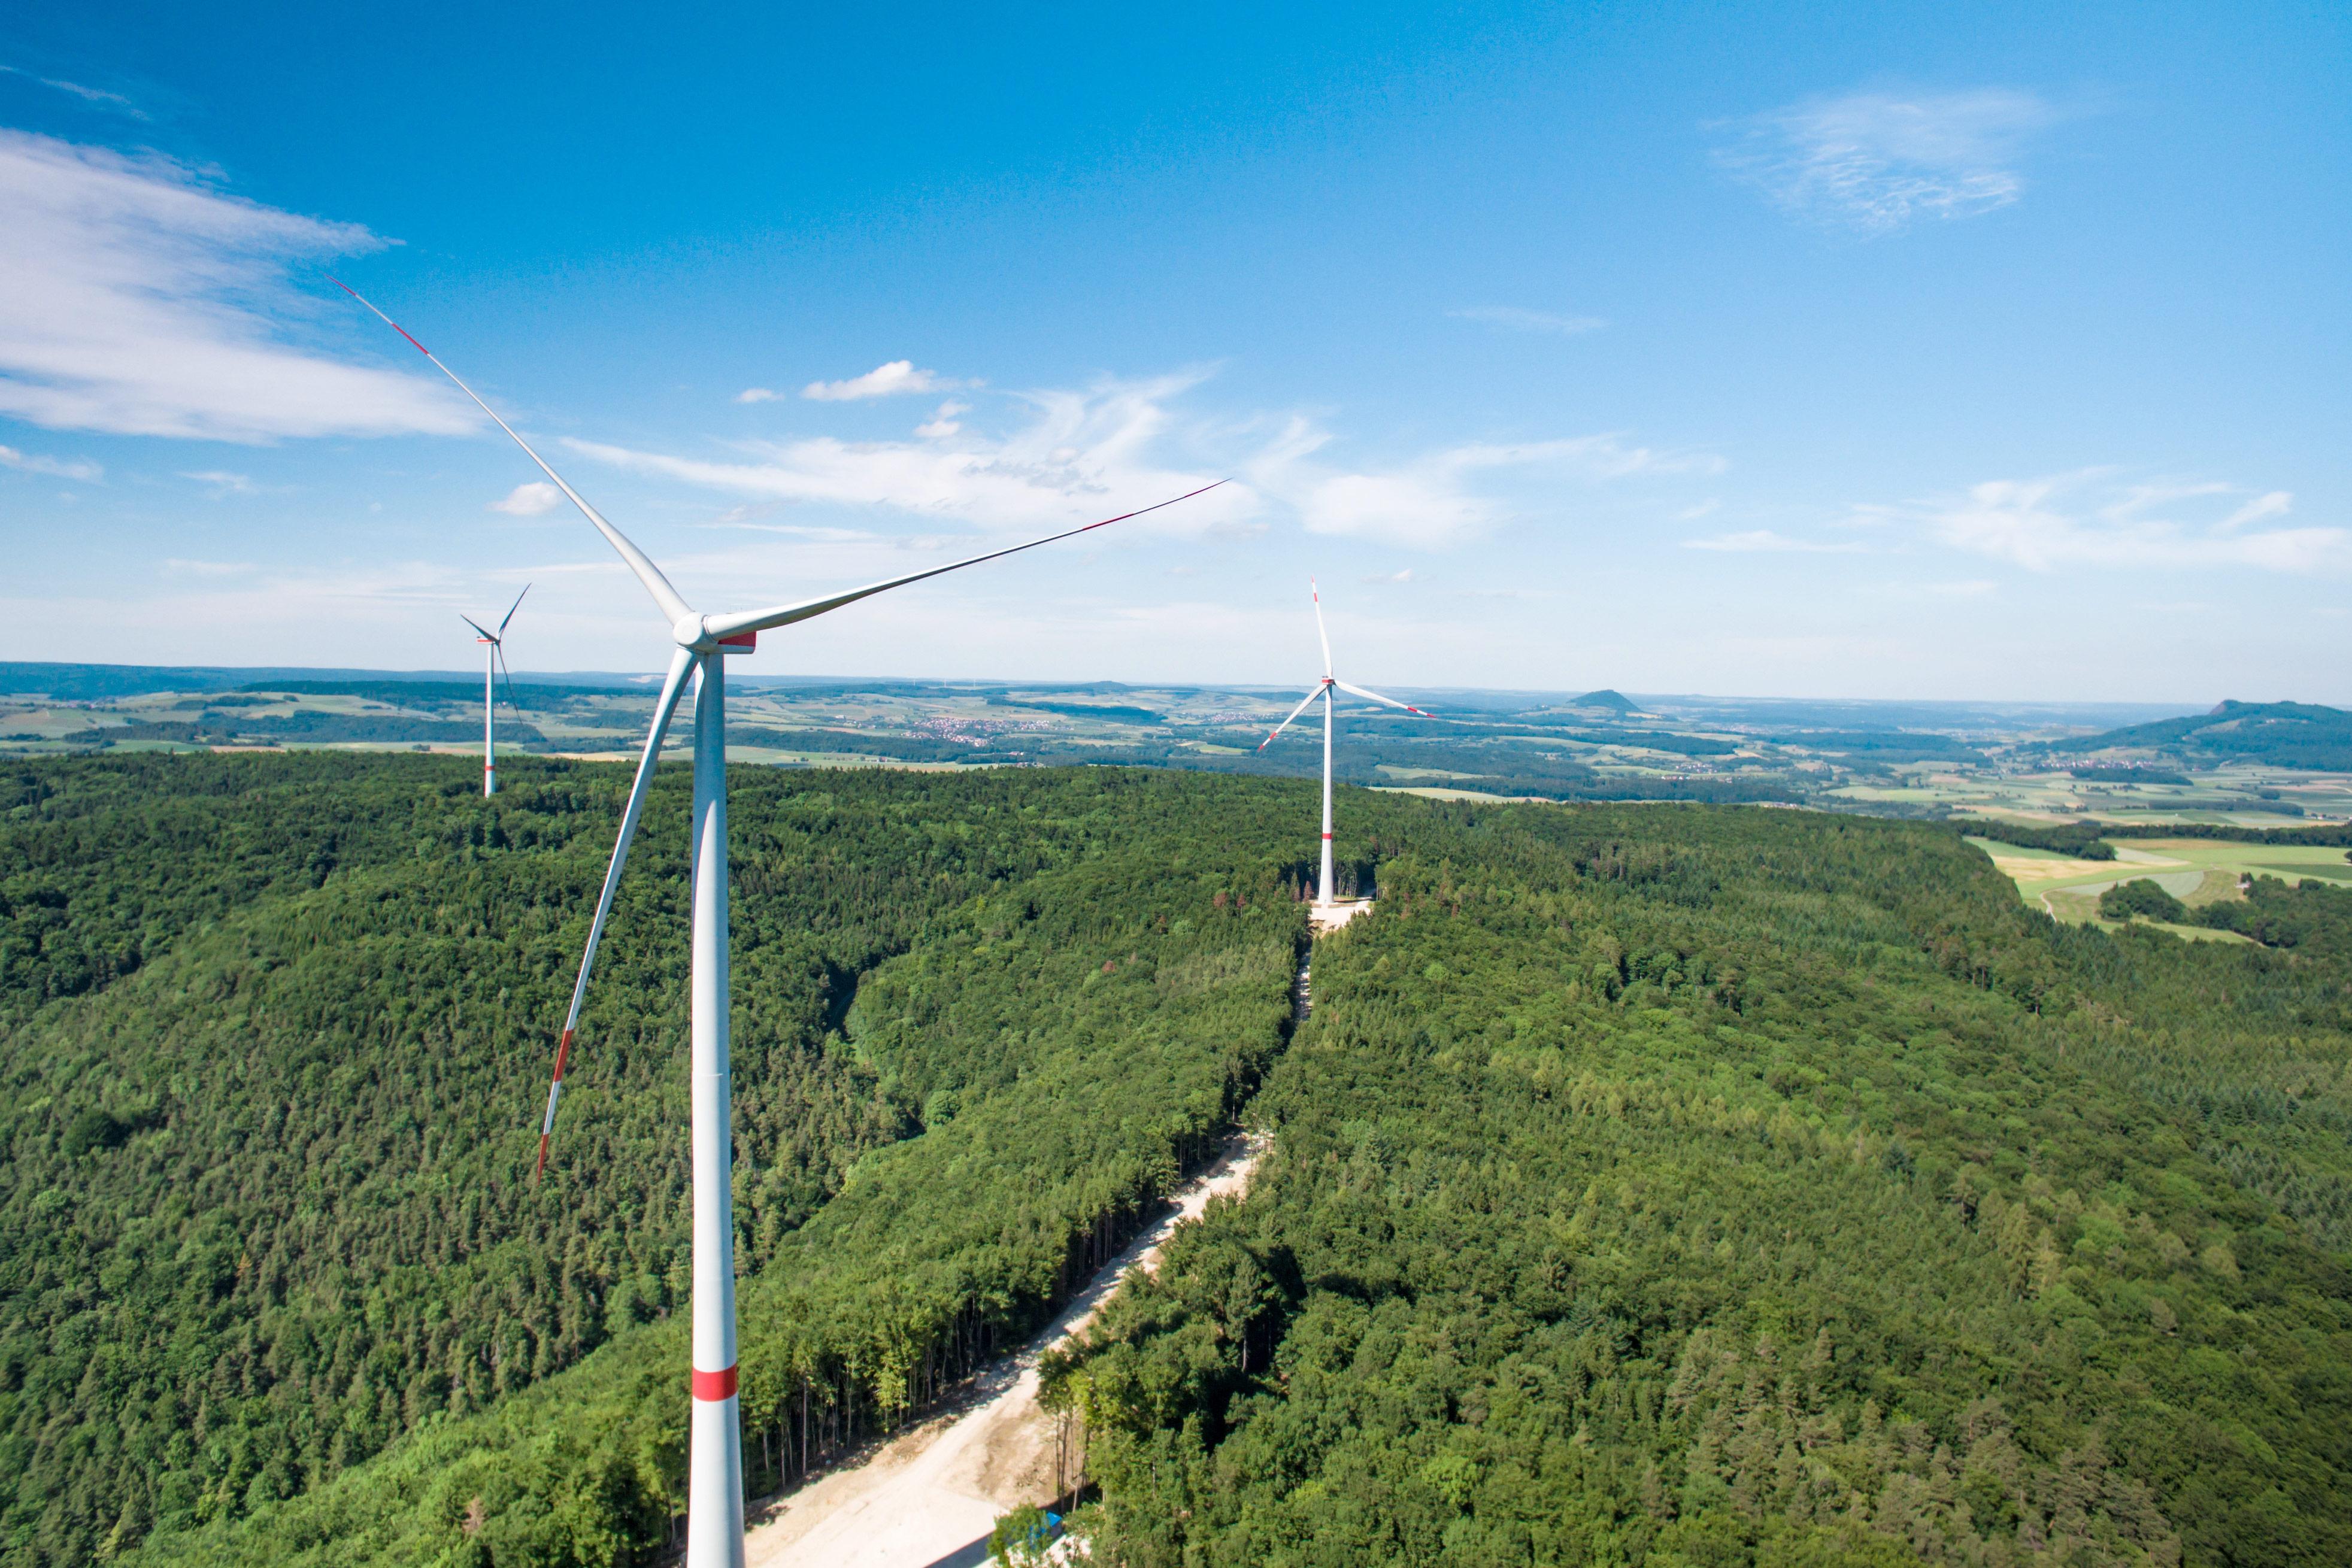 Der fertige Windpark: Im Vordergrund Anlage 3, Anlage 1 links davon und Anlage 2 rechts im Bild. | Bild: ©DesignConnection GmbH